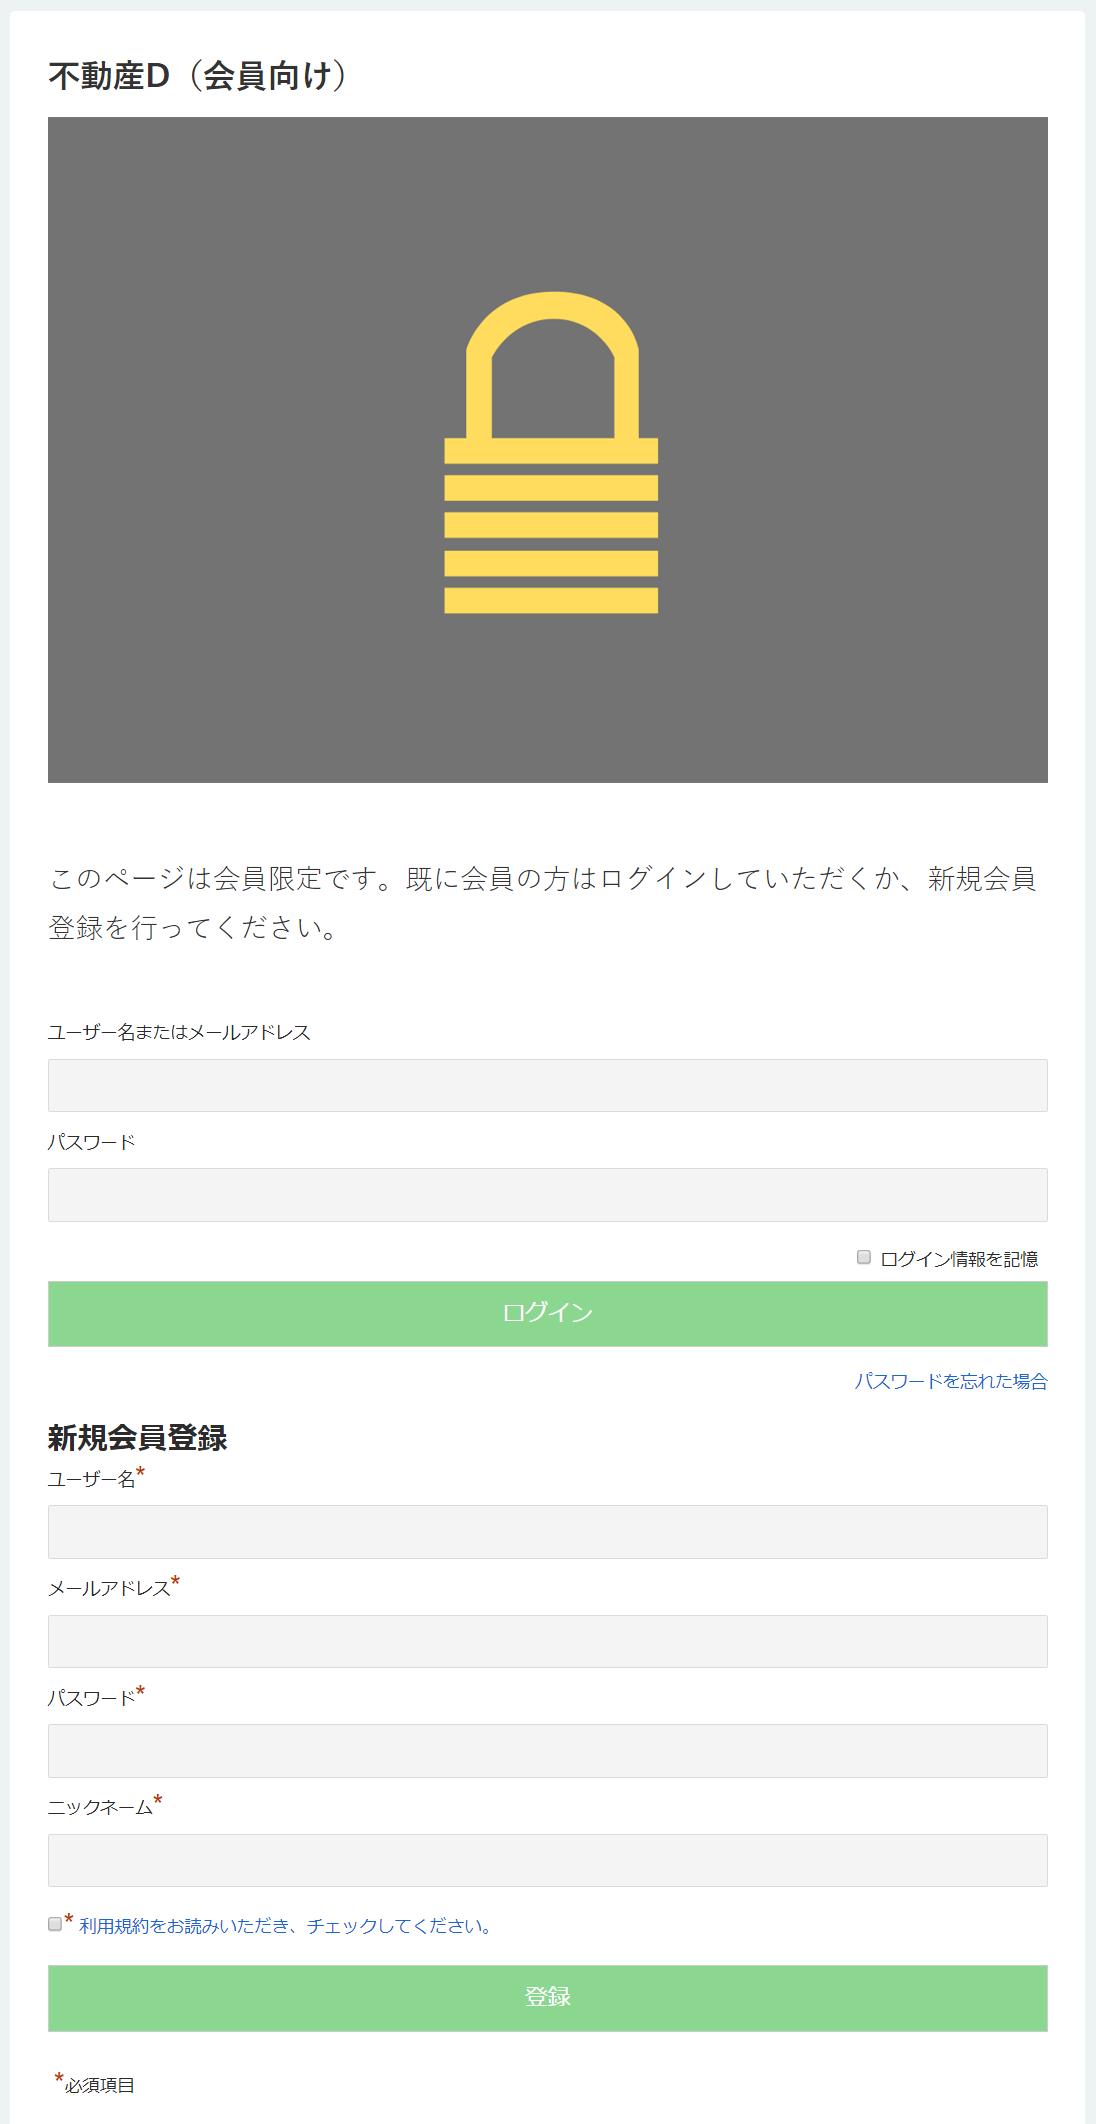 WP-Membersで非公開の記事にアクセスしたときにログインフォームを表示する